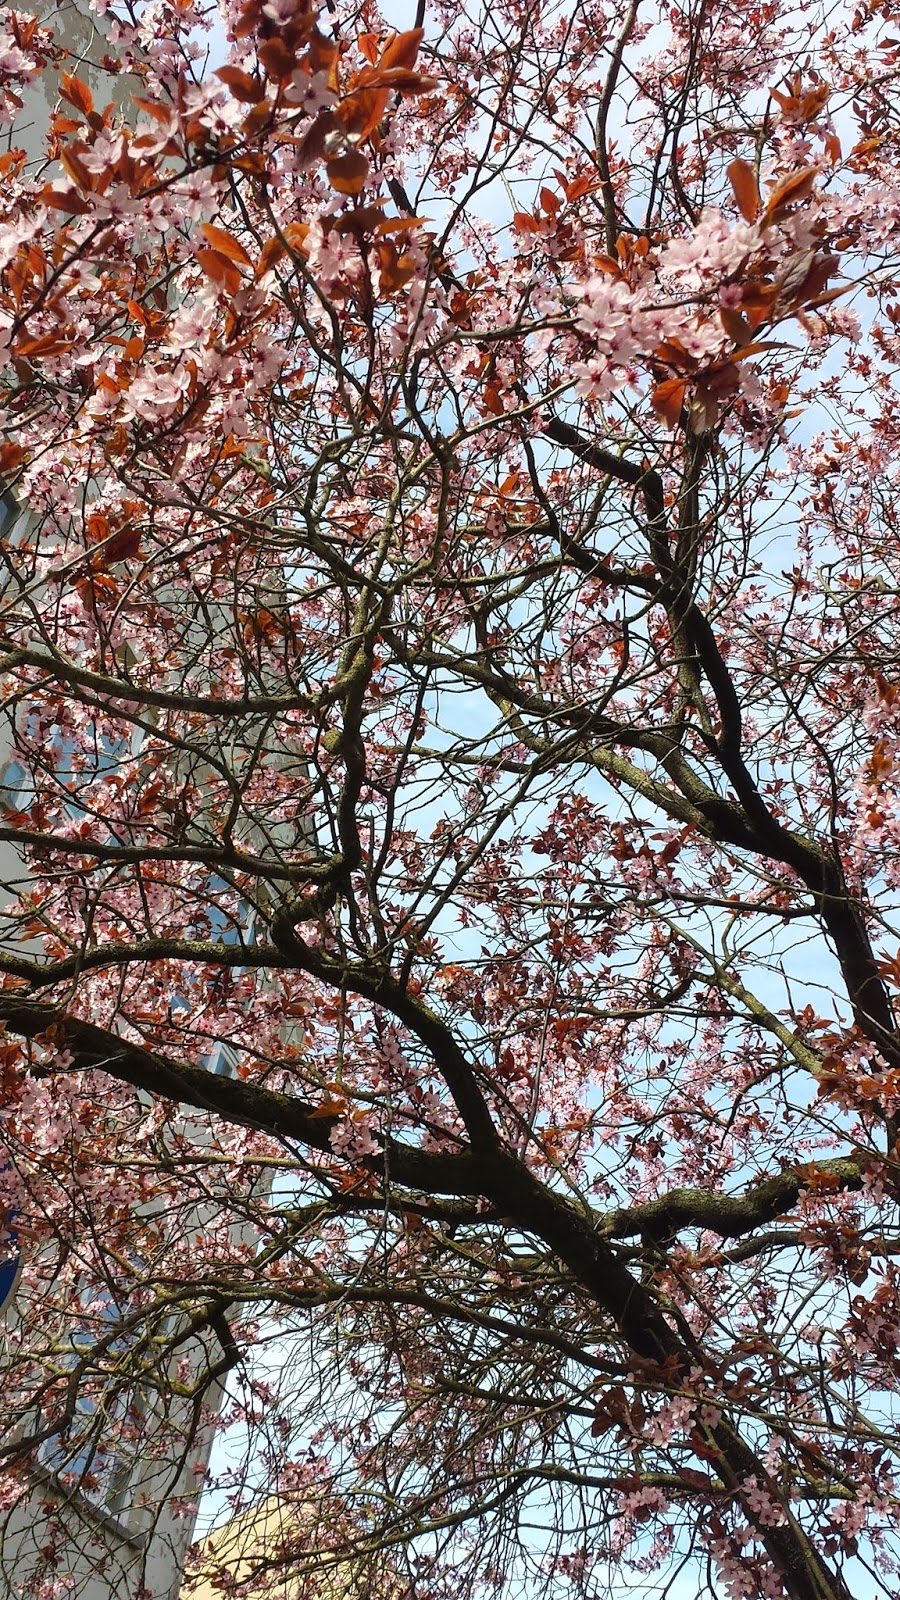 rosa Blütenbäume